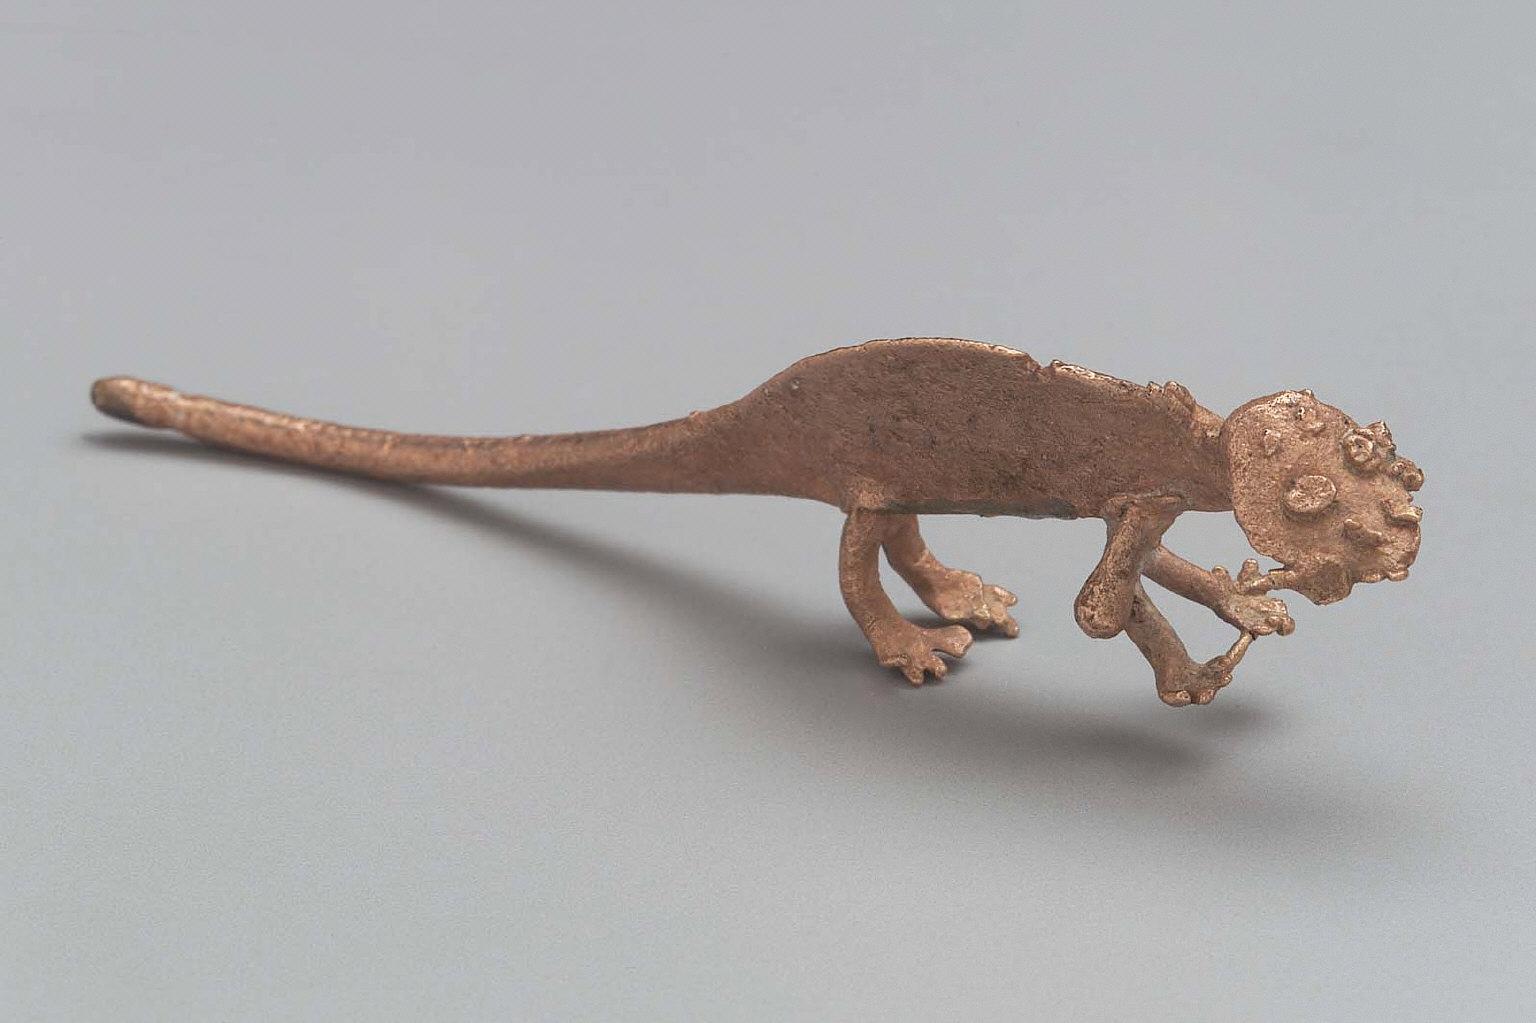 Lizard effigy